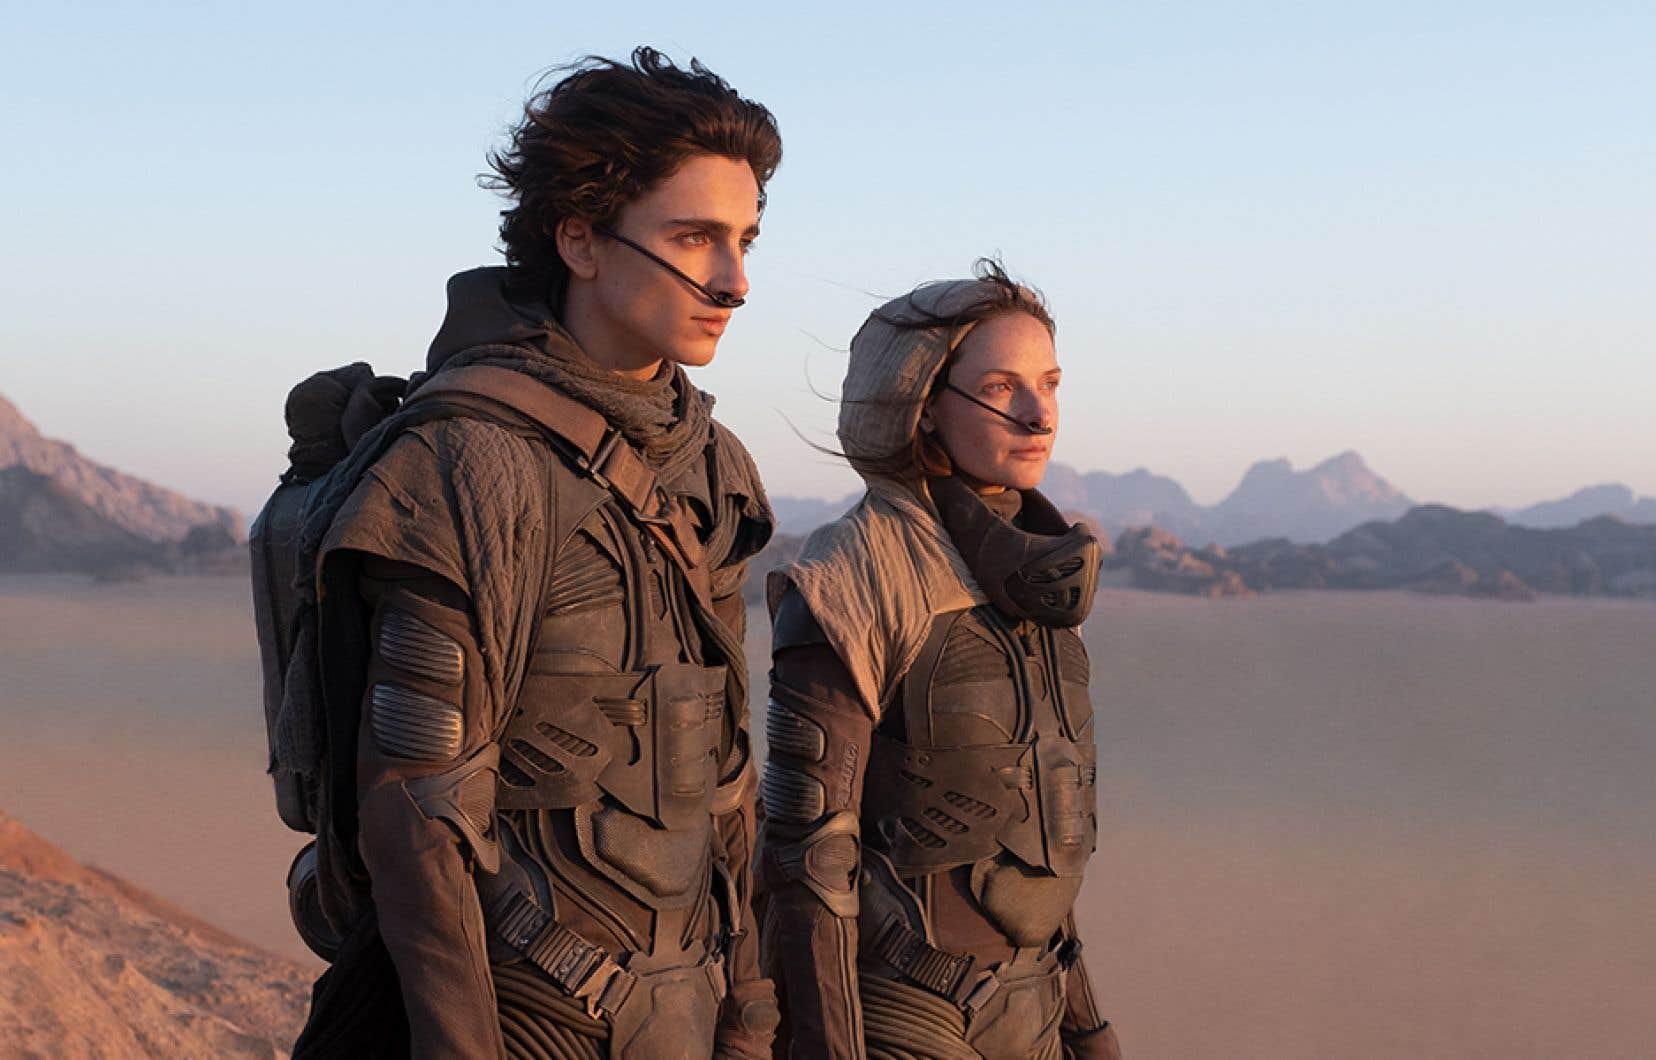 «Dune» est un tel événement planétaire qu'à Paris, un mini-festival lui sera consacré les 18 et 19septembre, avec conférences, projections, et débats. Le cinéaste québécois n'a pas fini d'en parler jusqu'à sa sortie chez nous, le 22octobre.